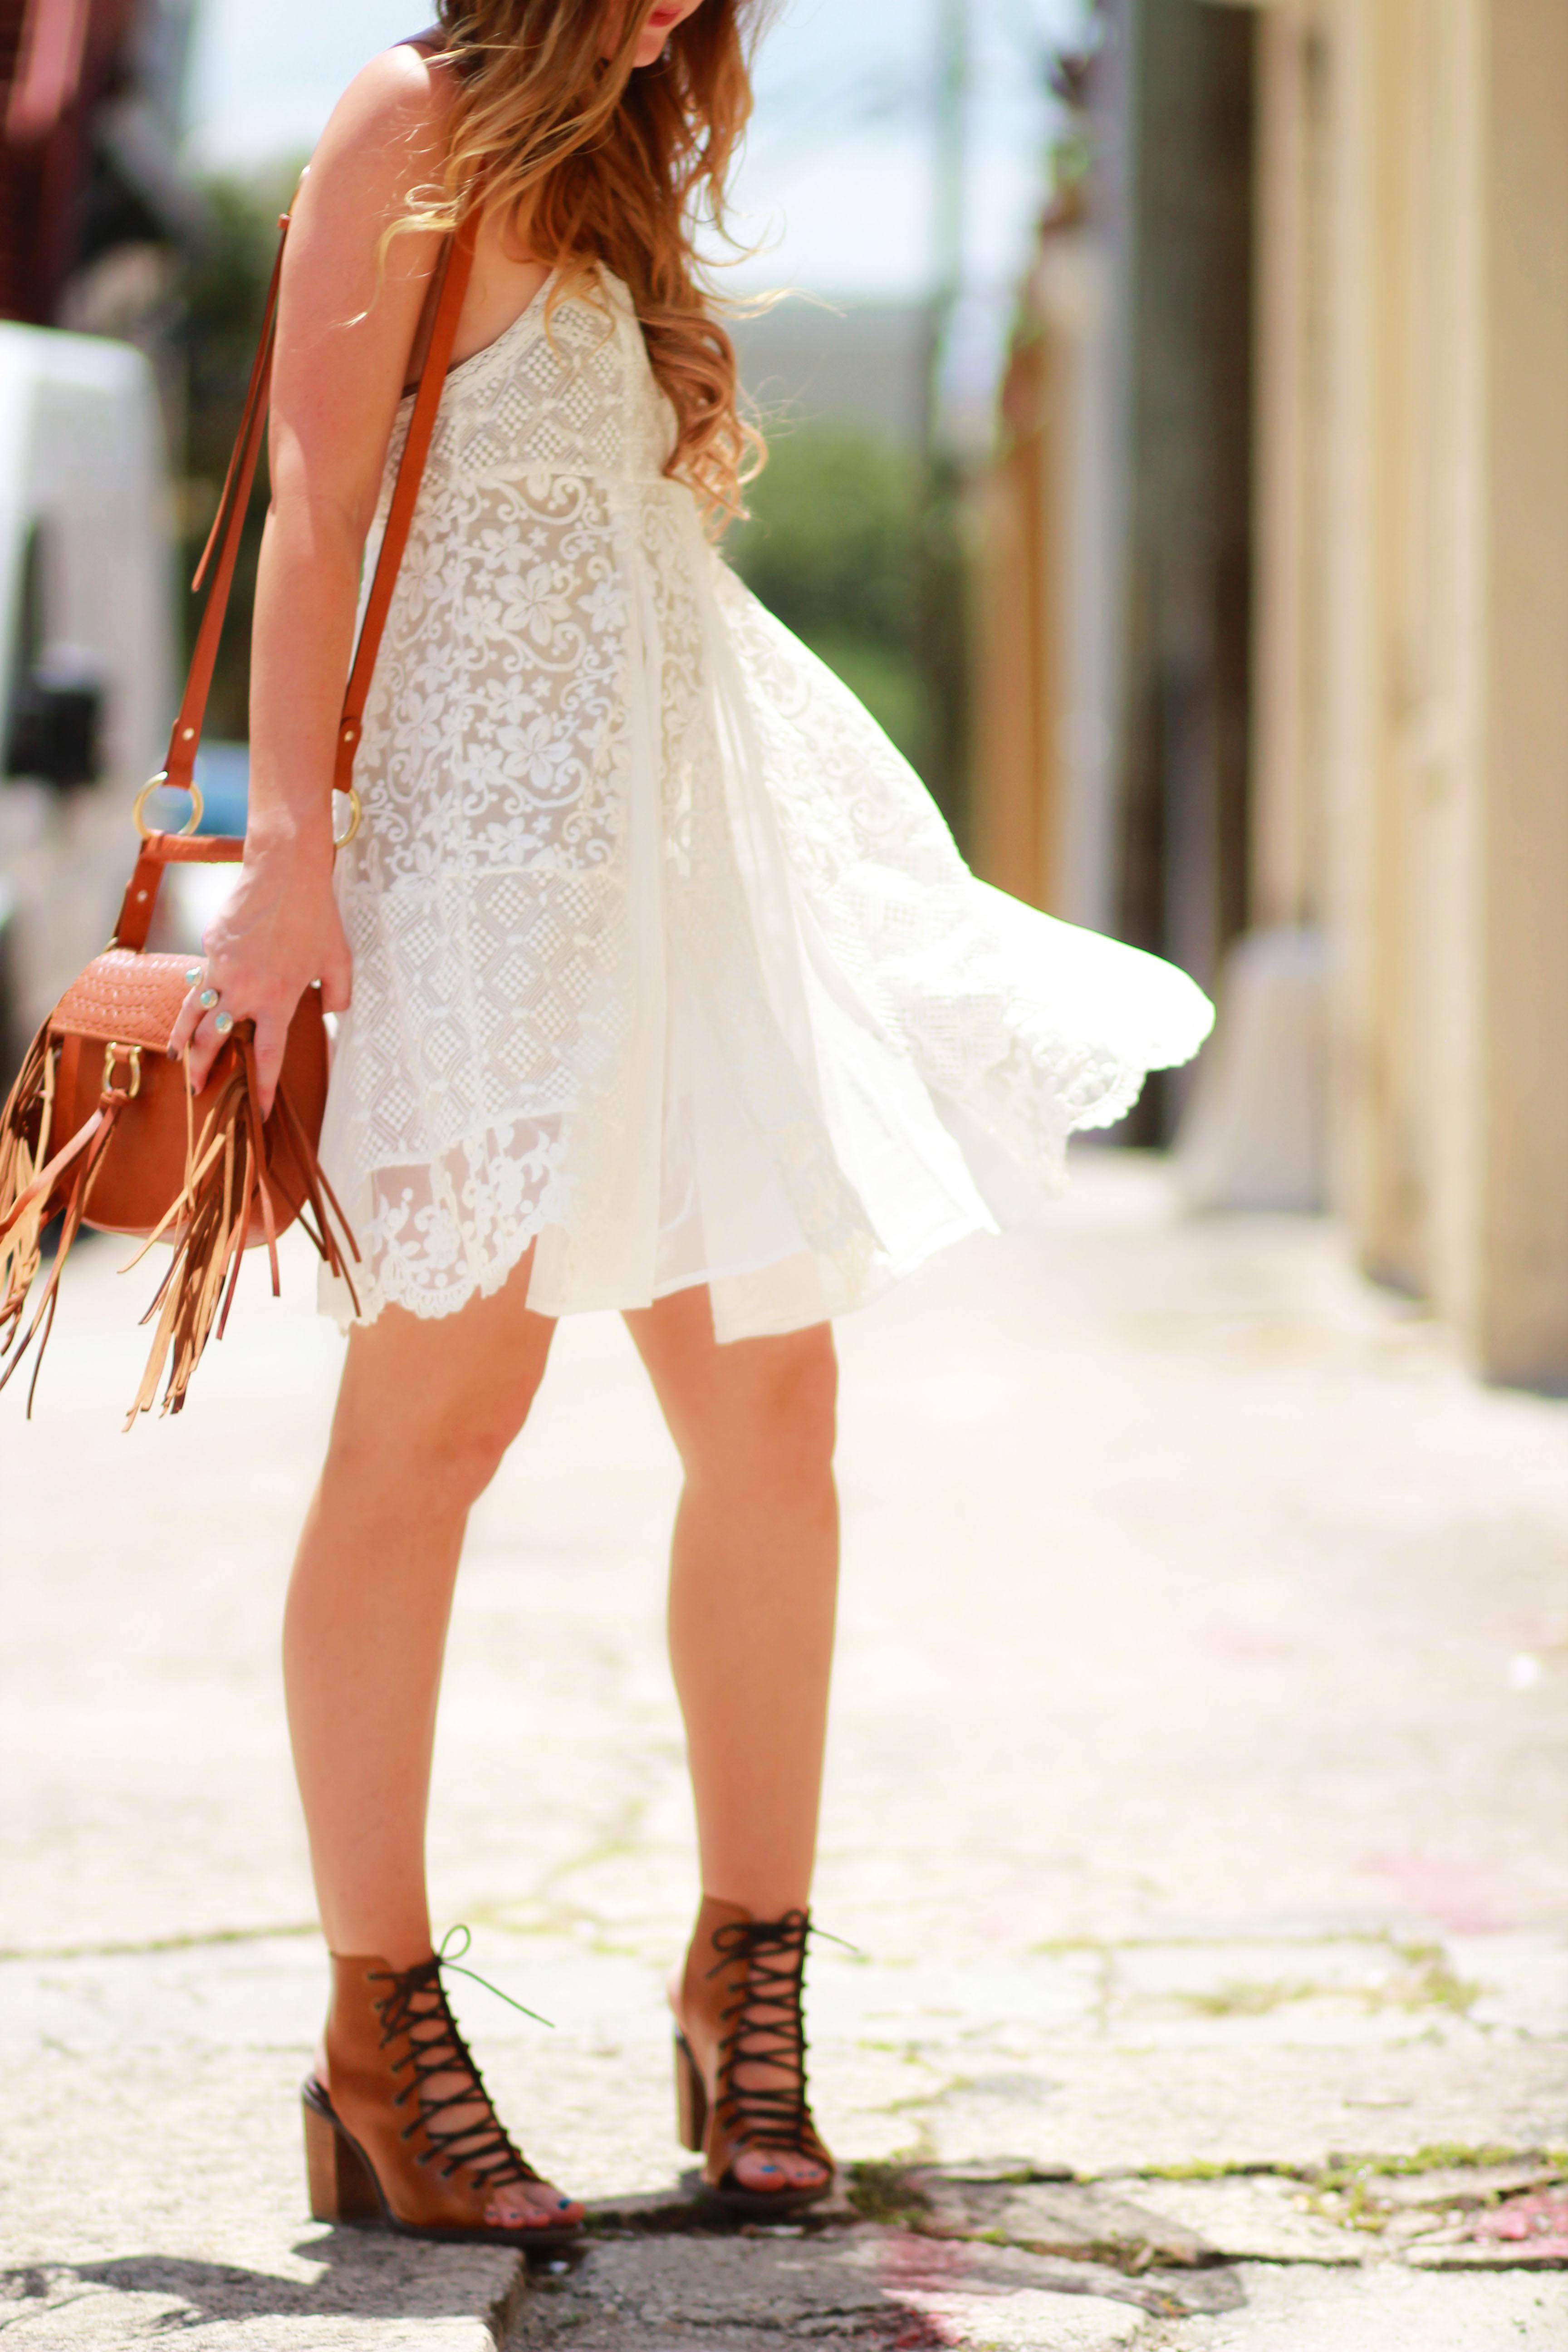 Boho Lace Dress Upbeat Soles Orlando Florida Fashion Blog